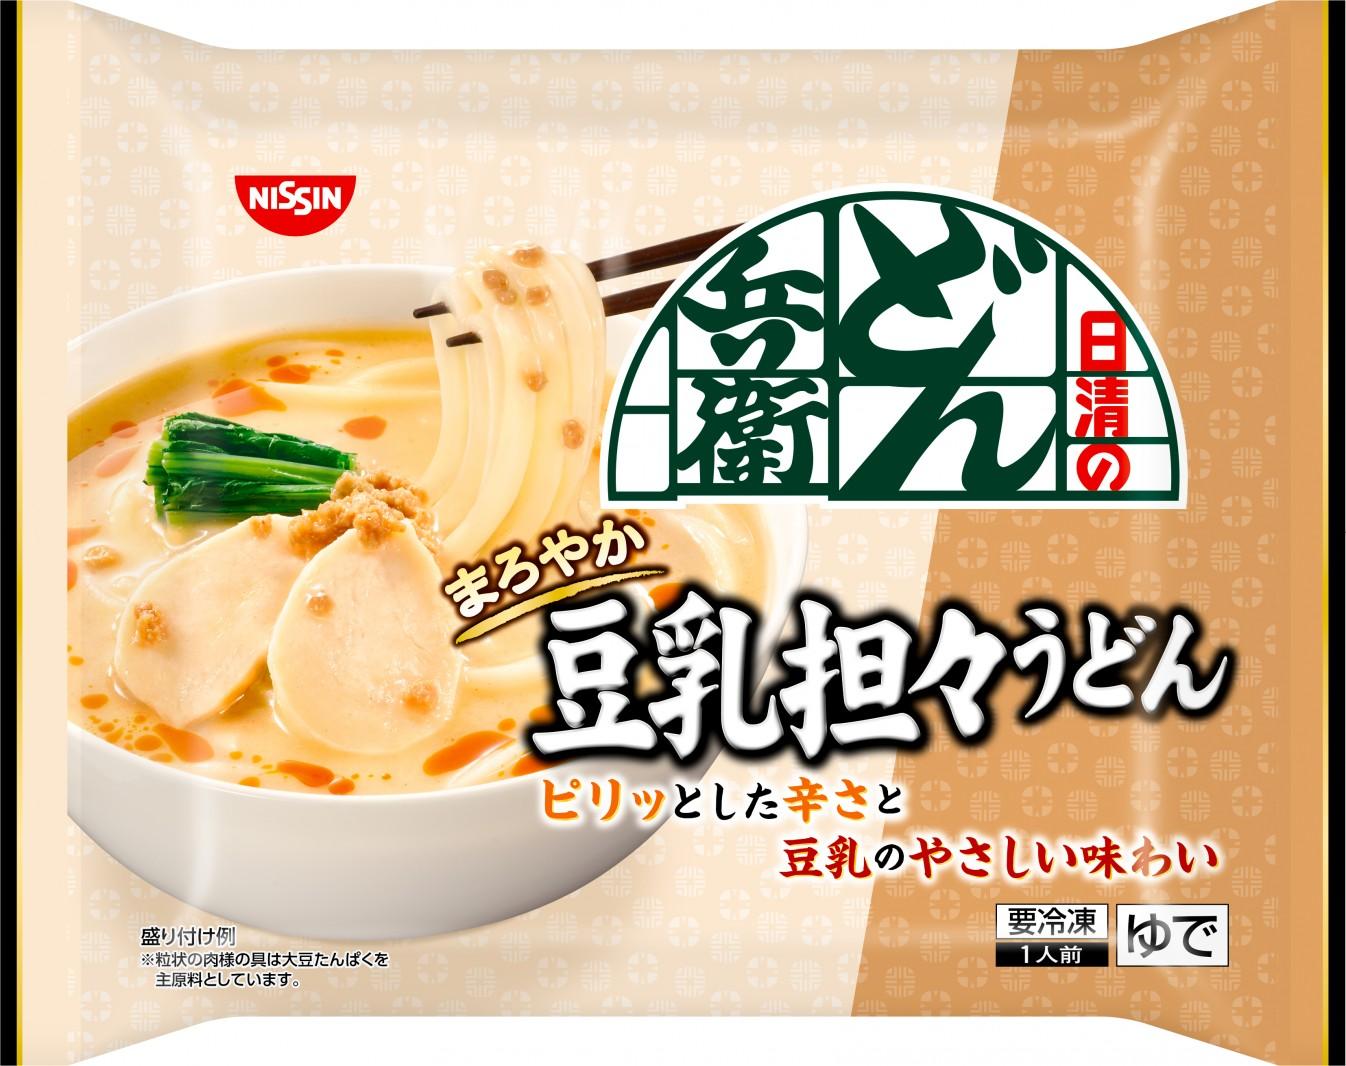 中華はもちろん、「和」でも担々!! まろやかでピリッとくる「日清のどん兵衛 豆乳担々うどん」